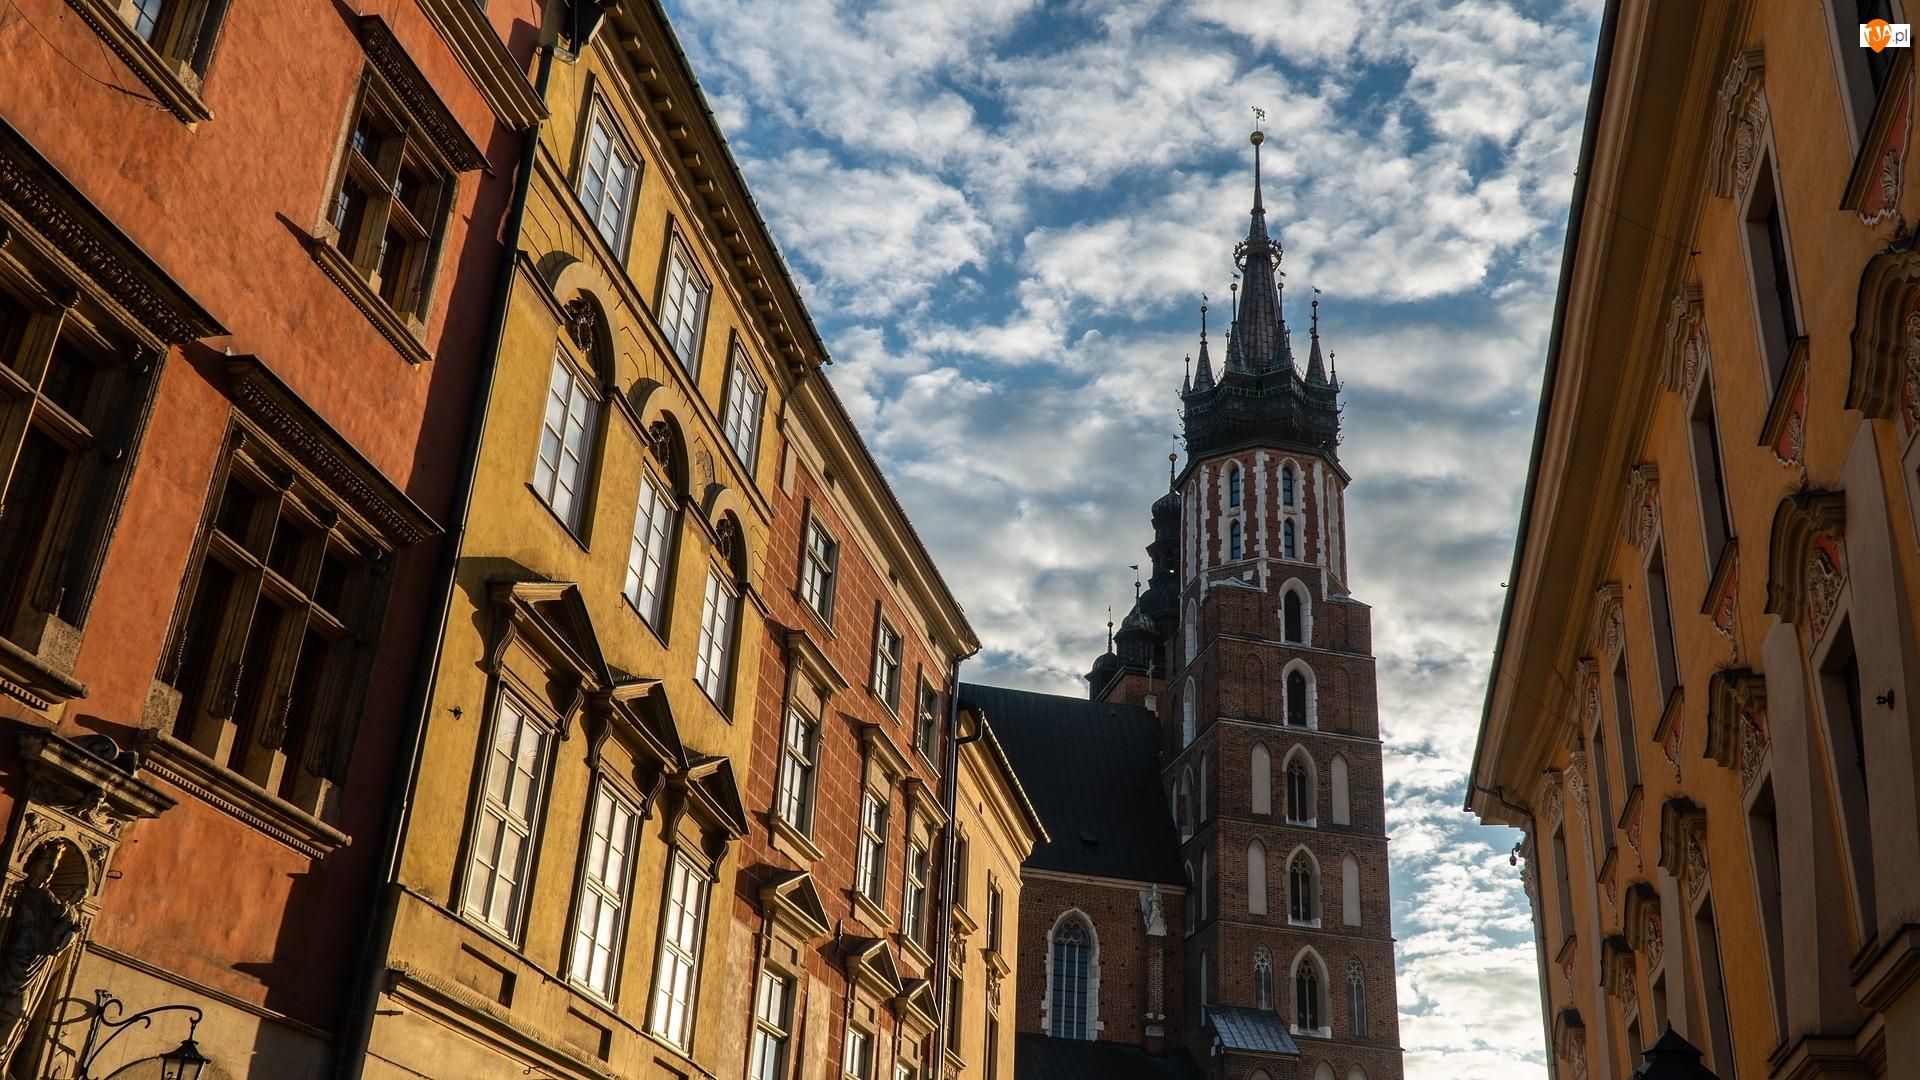 Polska, Hejnalica, Kraków, Domy, Kamienice, Kościół Mariacki, Bazylika Mariacka, Wieża, Kościół Wniebowzięcia Najświętszej Marii Panny